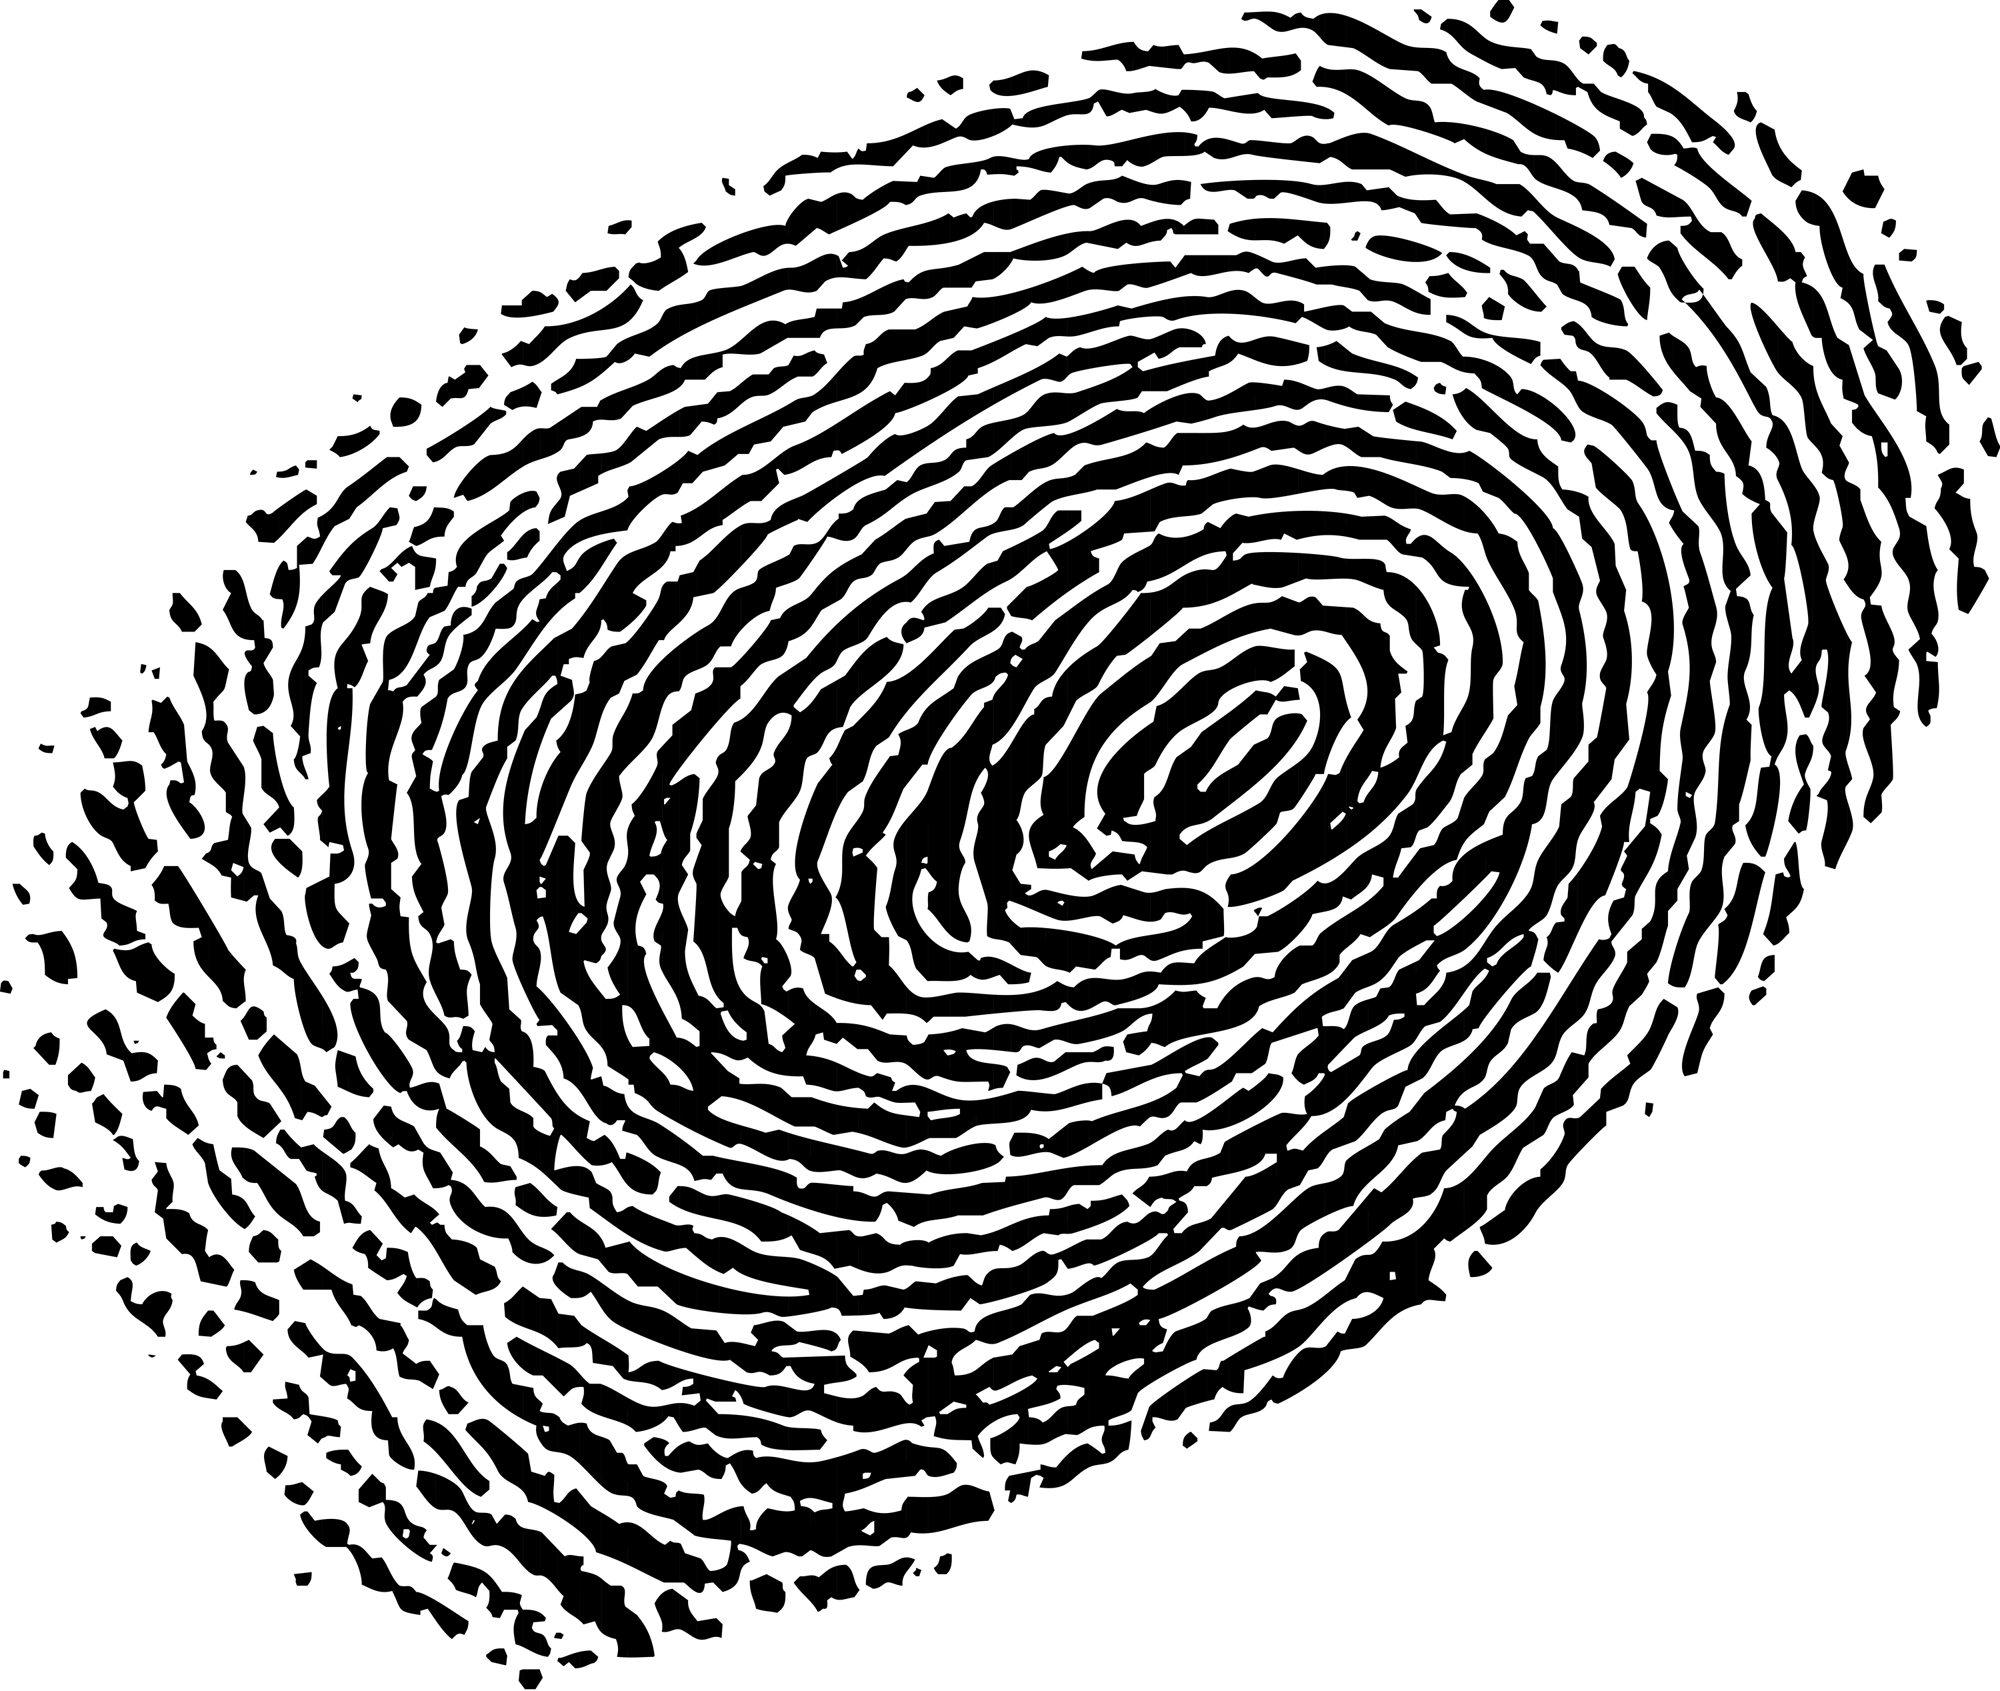 Fingerprint Graphic